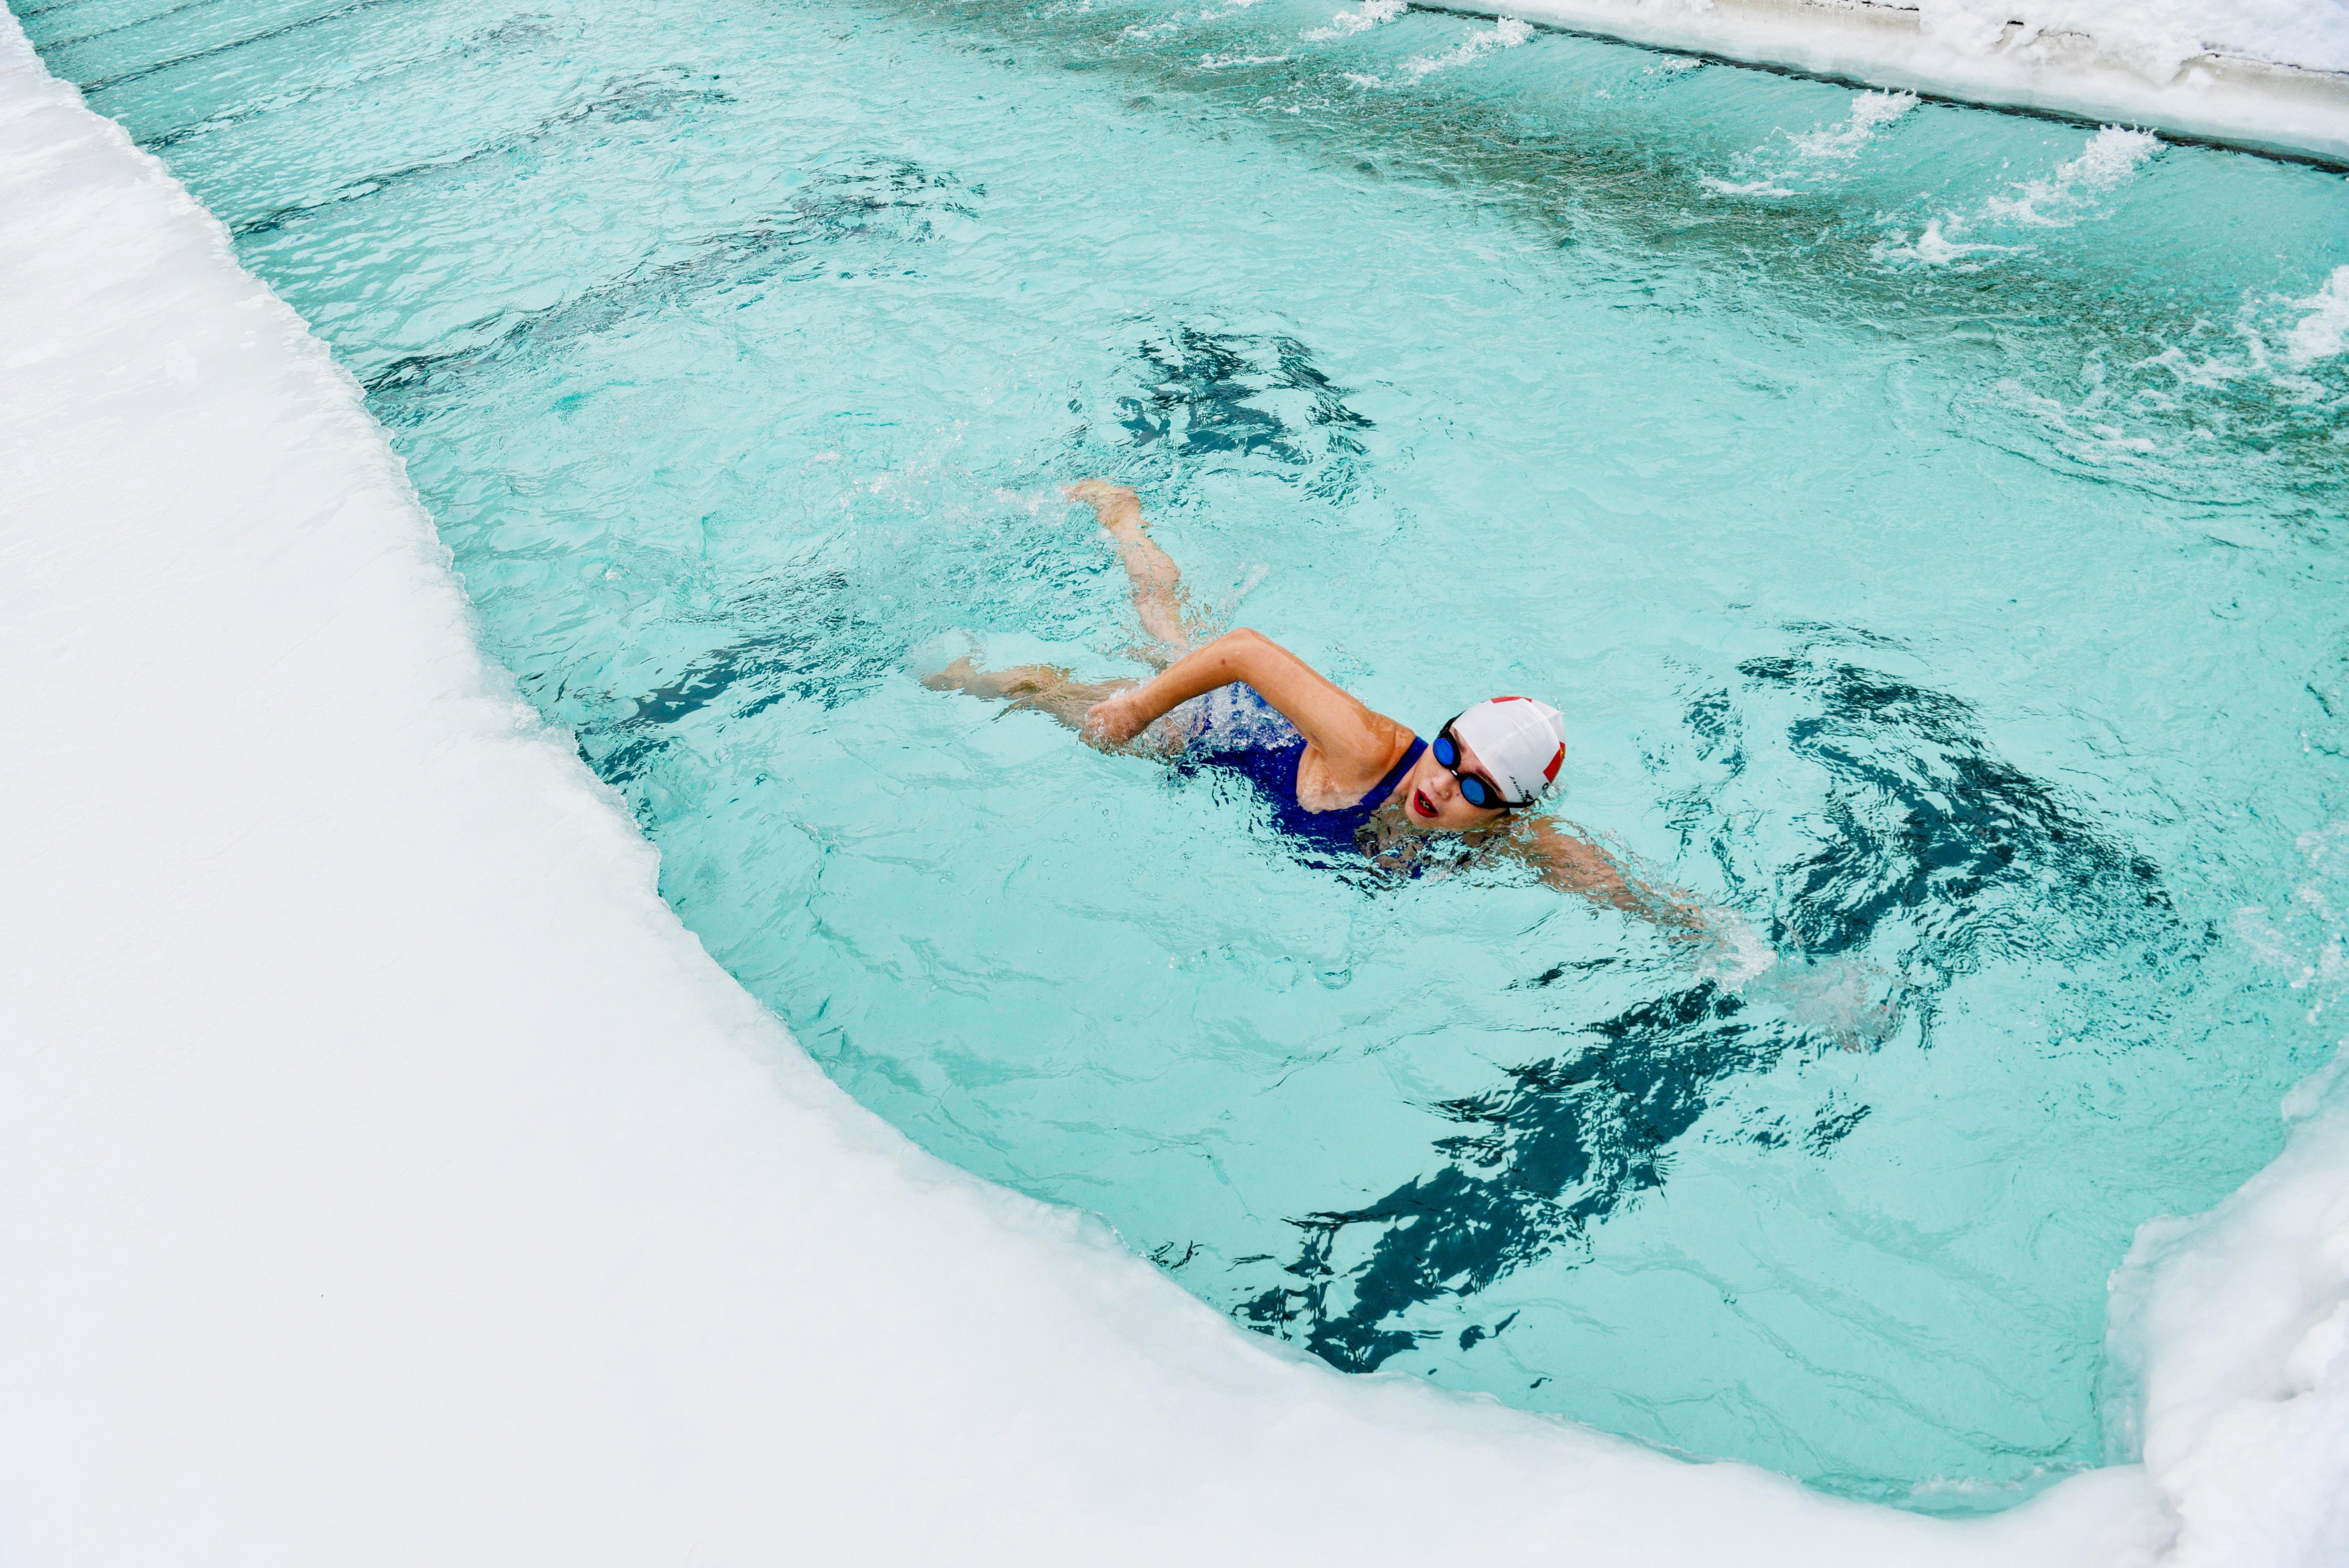 1月12日,一名冬泳爱好者在乌鲁木齐市红山冬泳俱乐部泳池里游泳。新华社记者胡虎虎摄